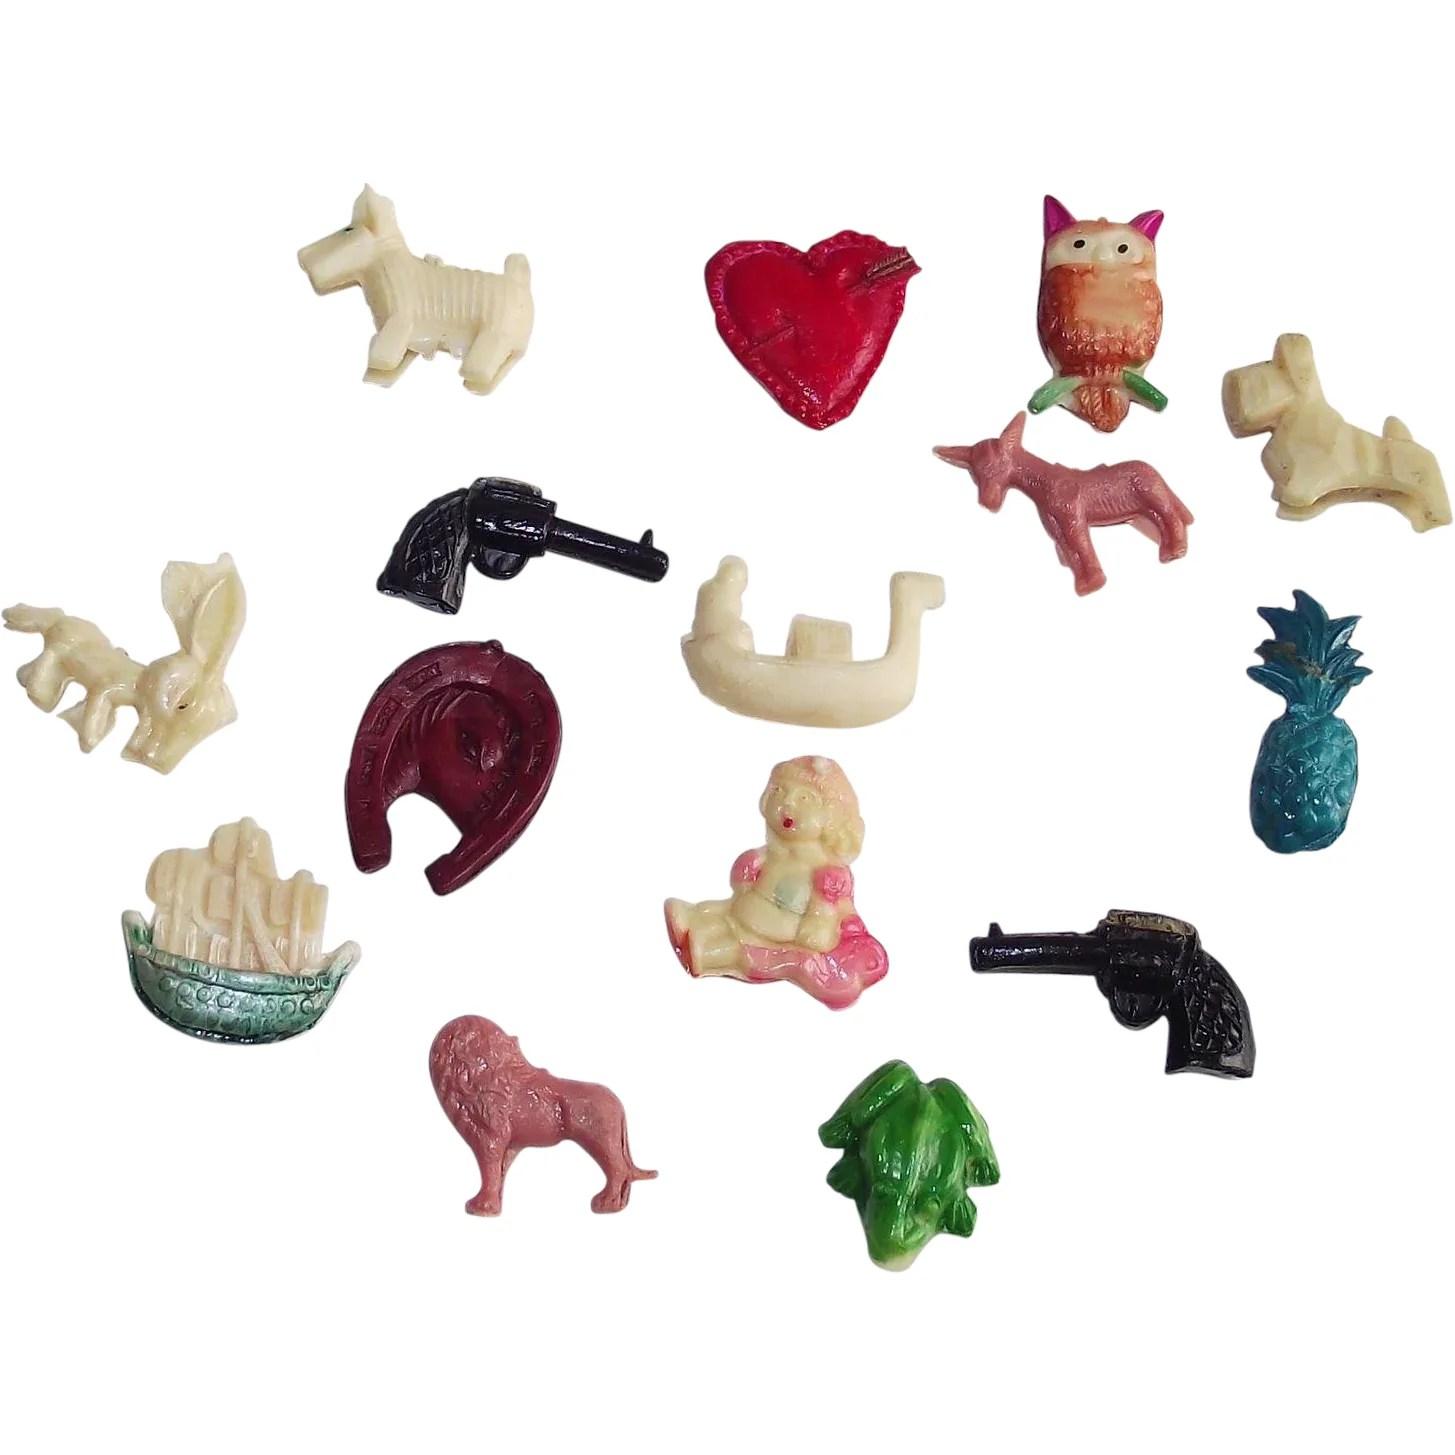 cracker jacks toys fifteen